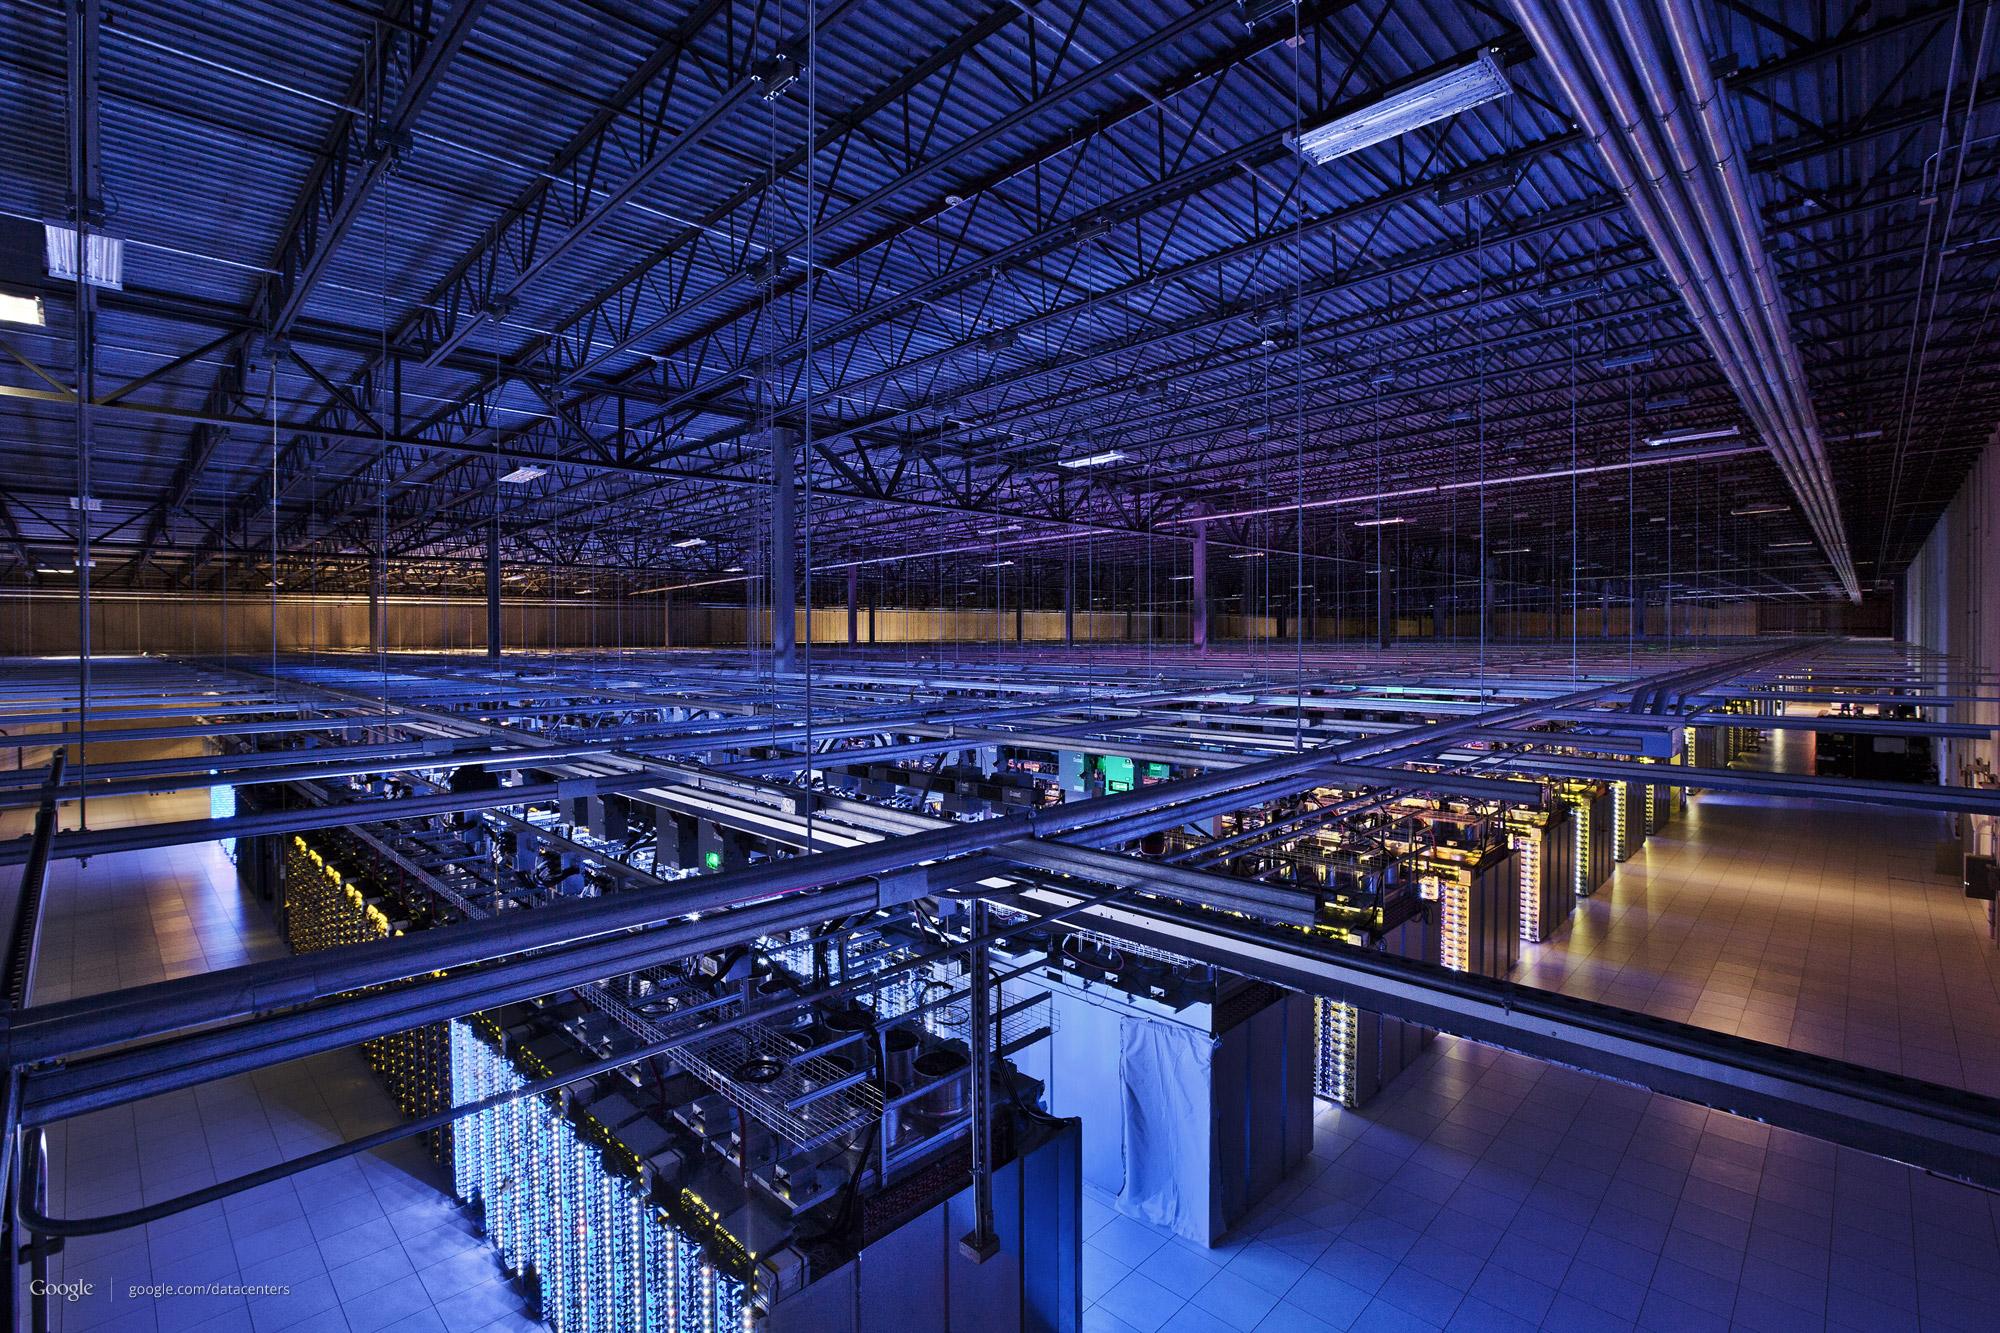 办公室的秘密_数据中心计算机 - 感受机器之美,Google数据中心精彩图赏 - 超能网